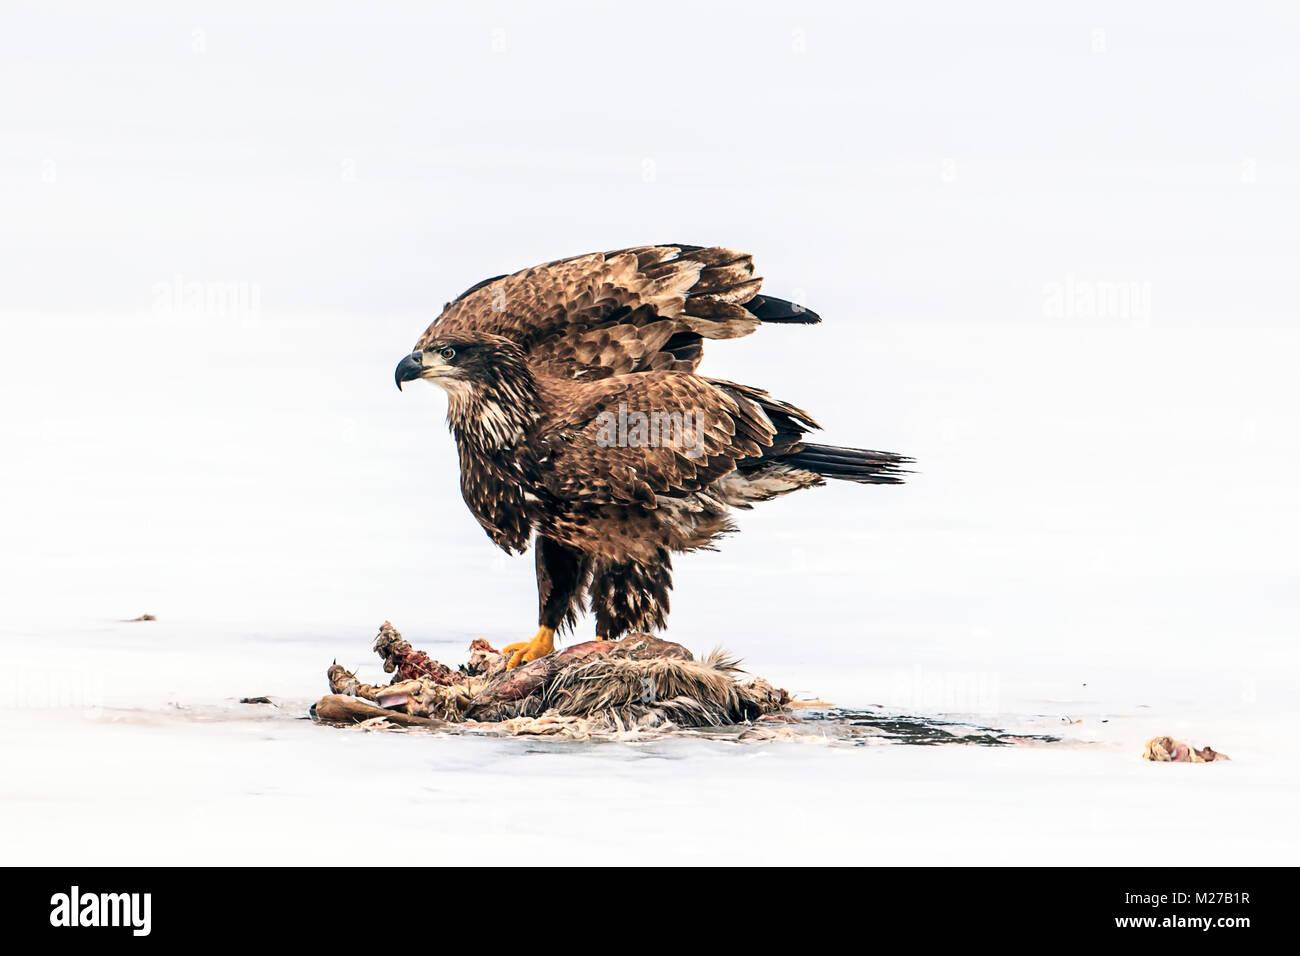 Alas de águila calva inmaduros aleteos por animal muerto en el lago congelado Hauser en Idaho. Imagen De Stock